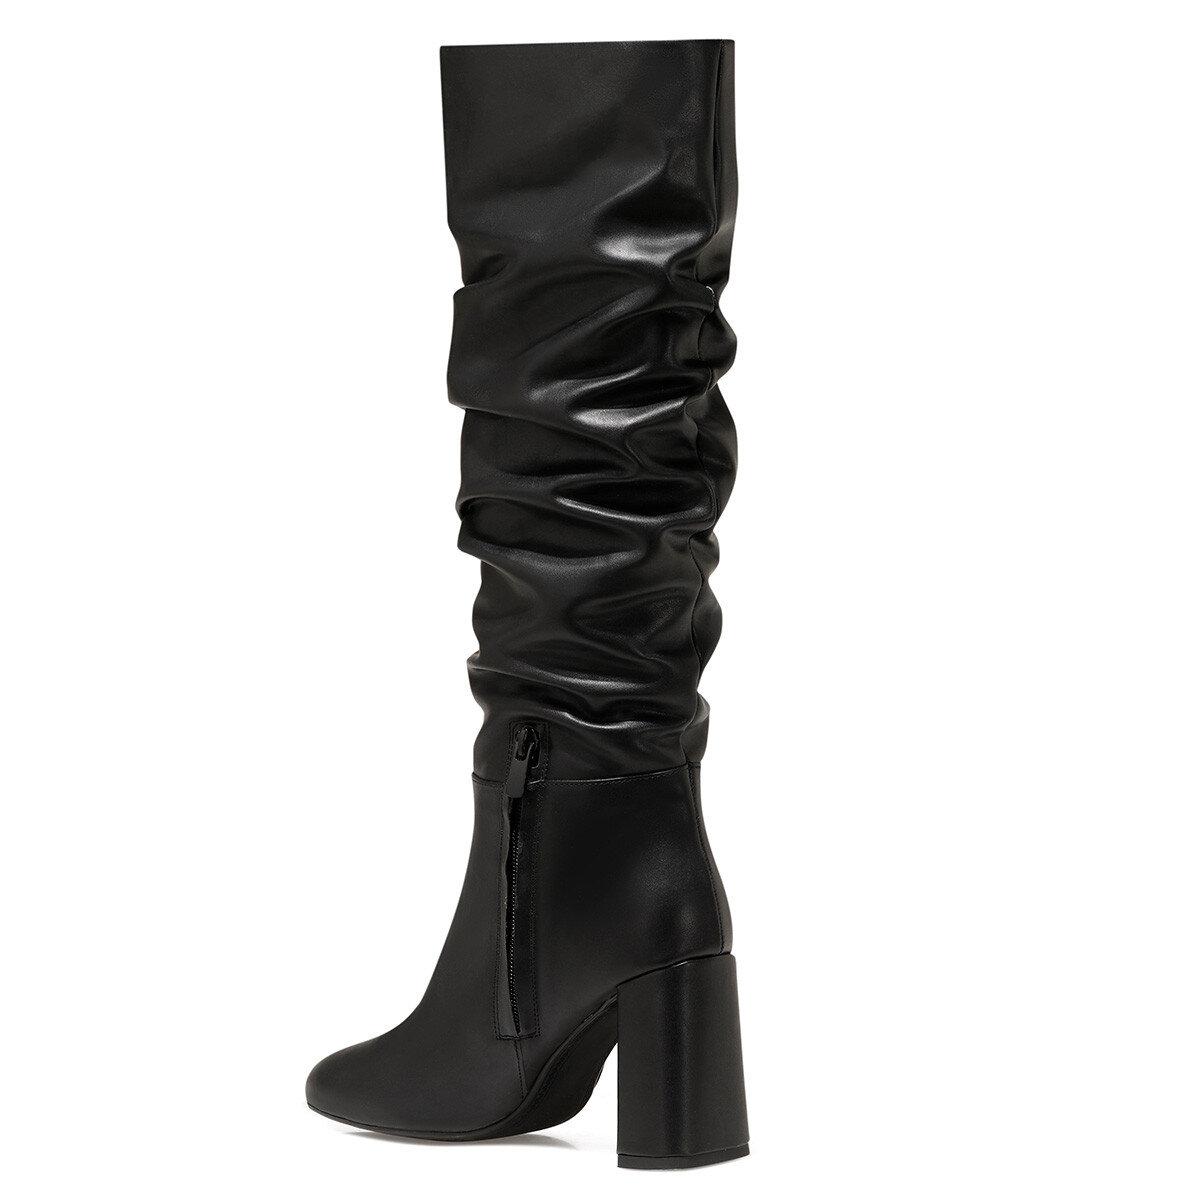 SORAMA Siyah Kadın Topuklu Çizme